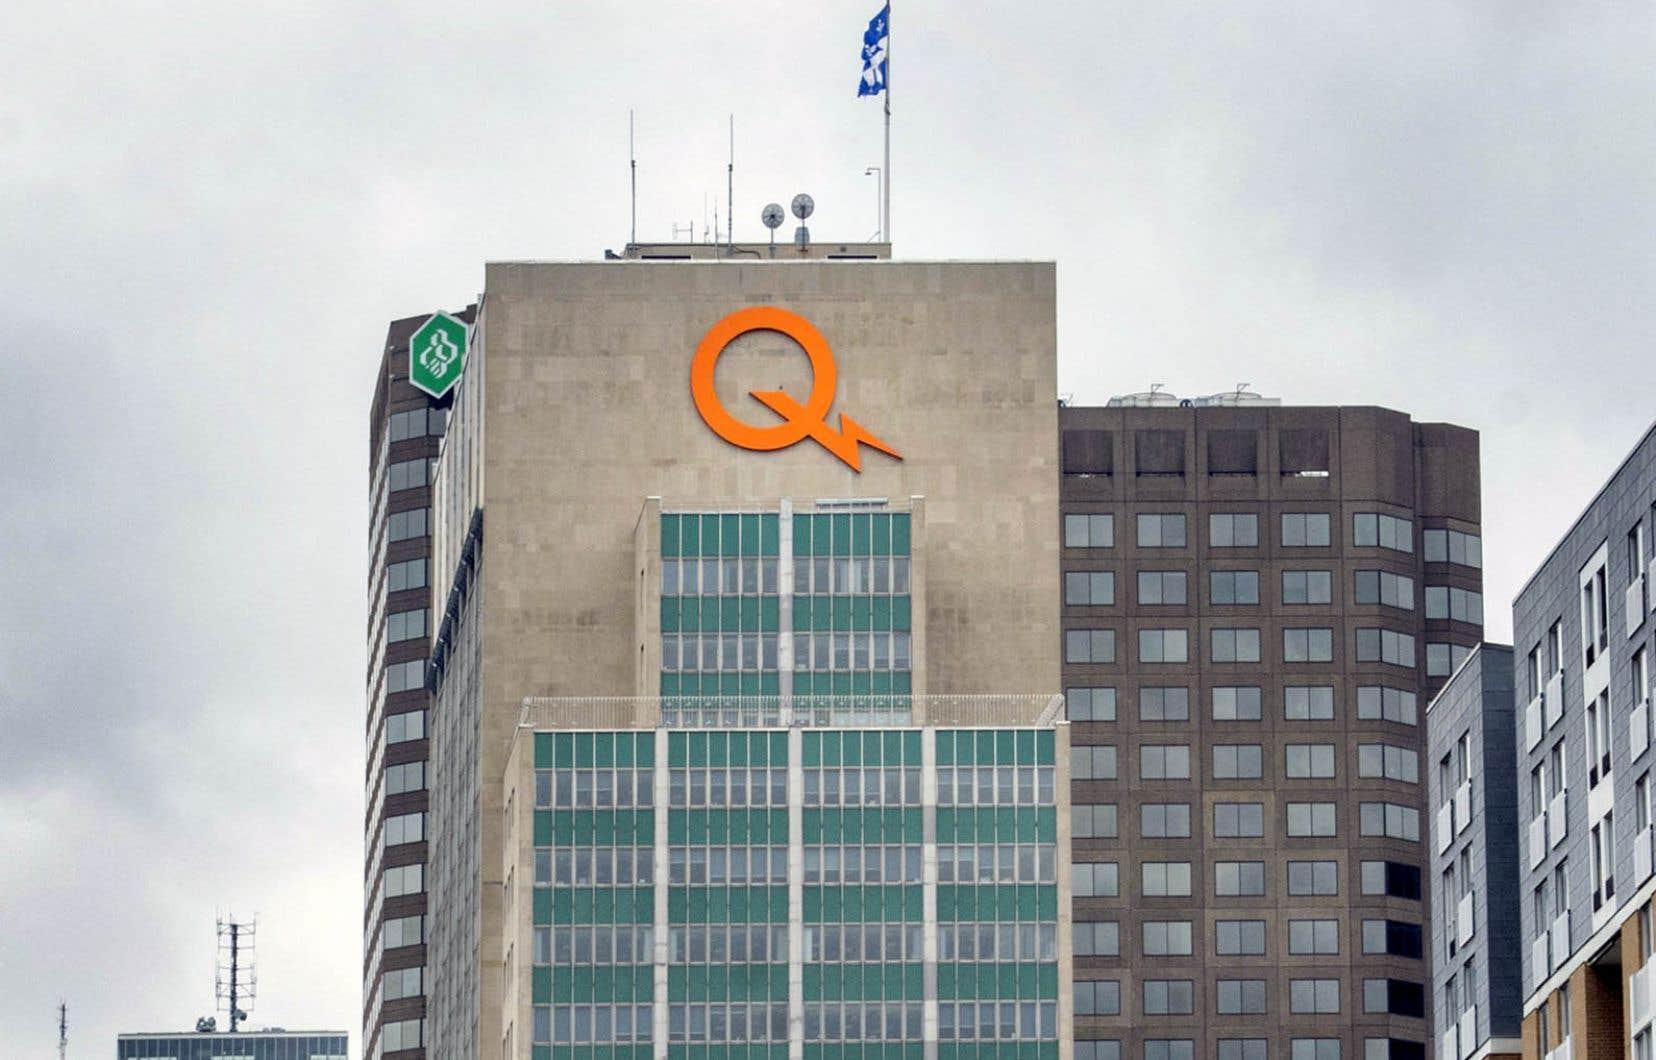 Il est reproché à Hydro-Québec d'avoir accumulé des excédents de plus d'un milliard de dollarsentre 2008 et 2013, soit des sommes payées par les abonnés au-delà des rendements prévus aux tarifs.